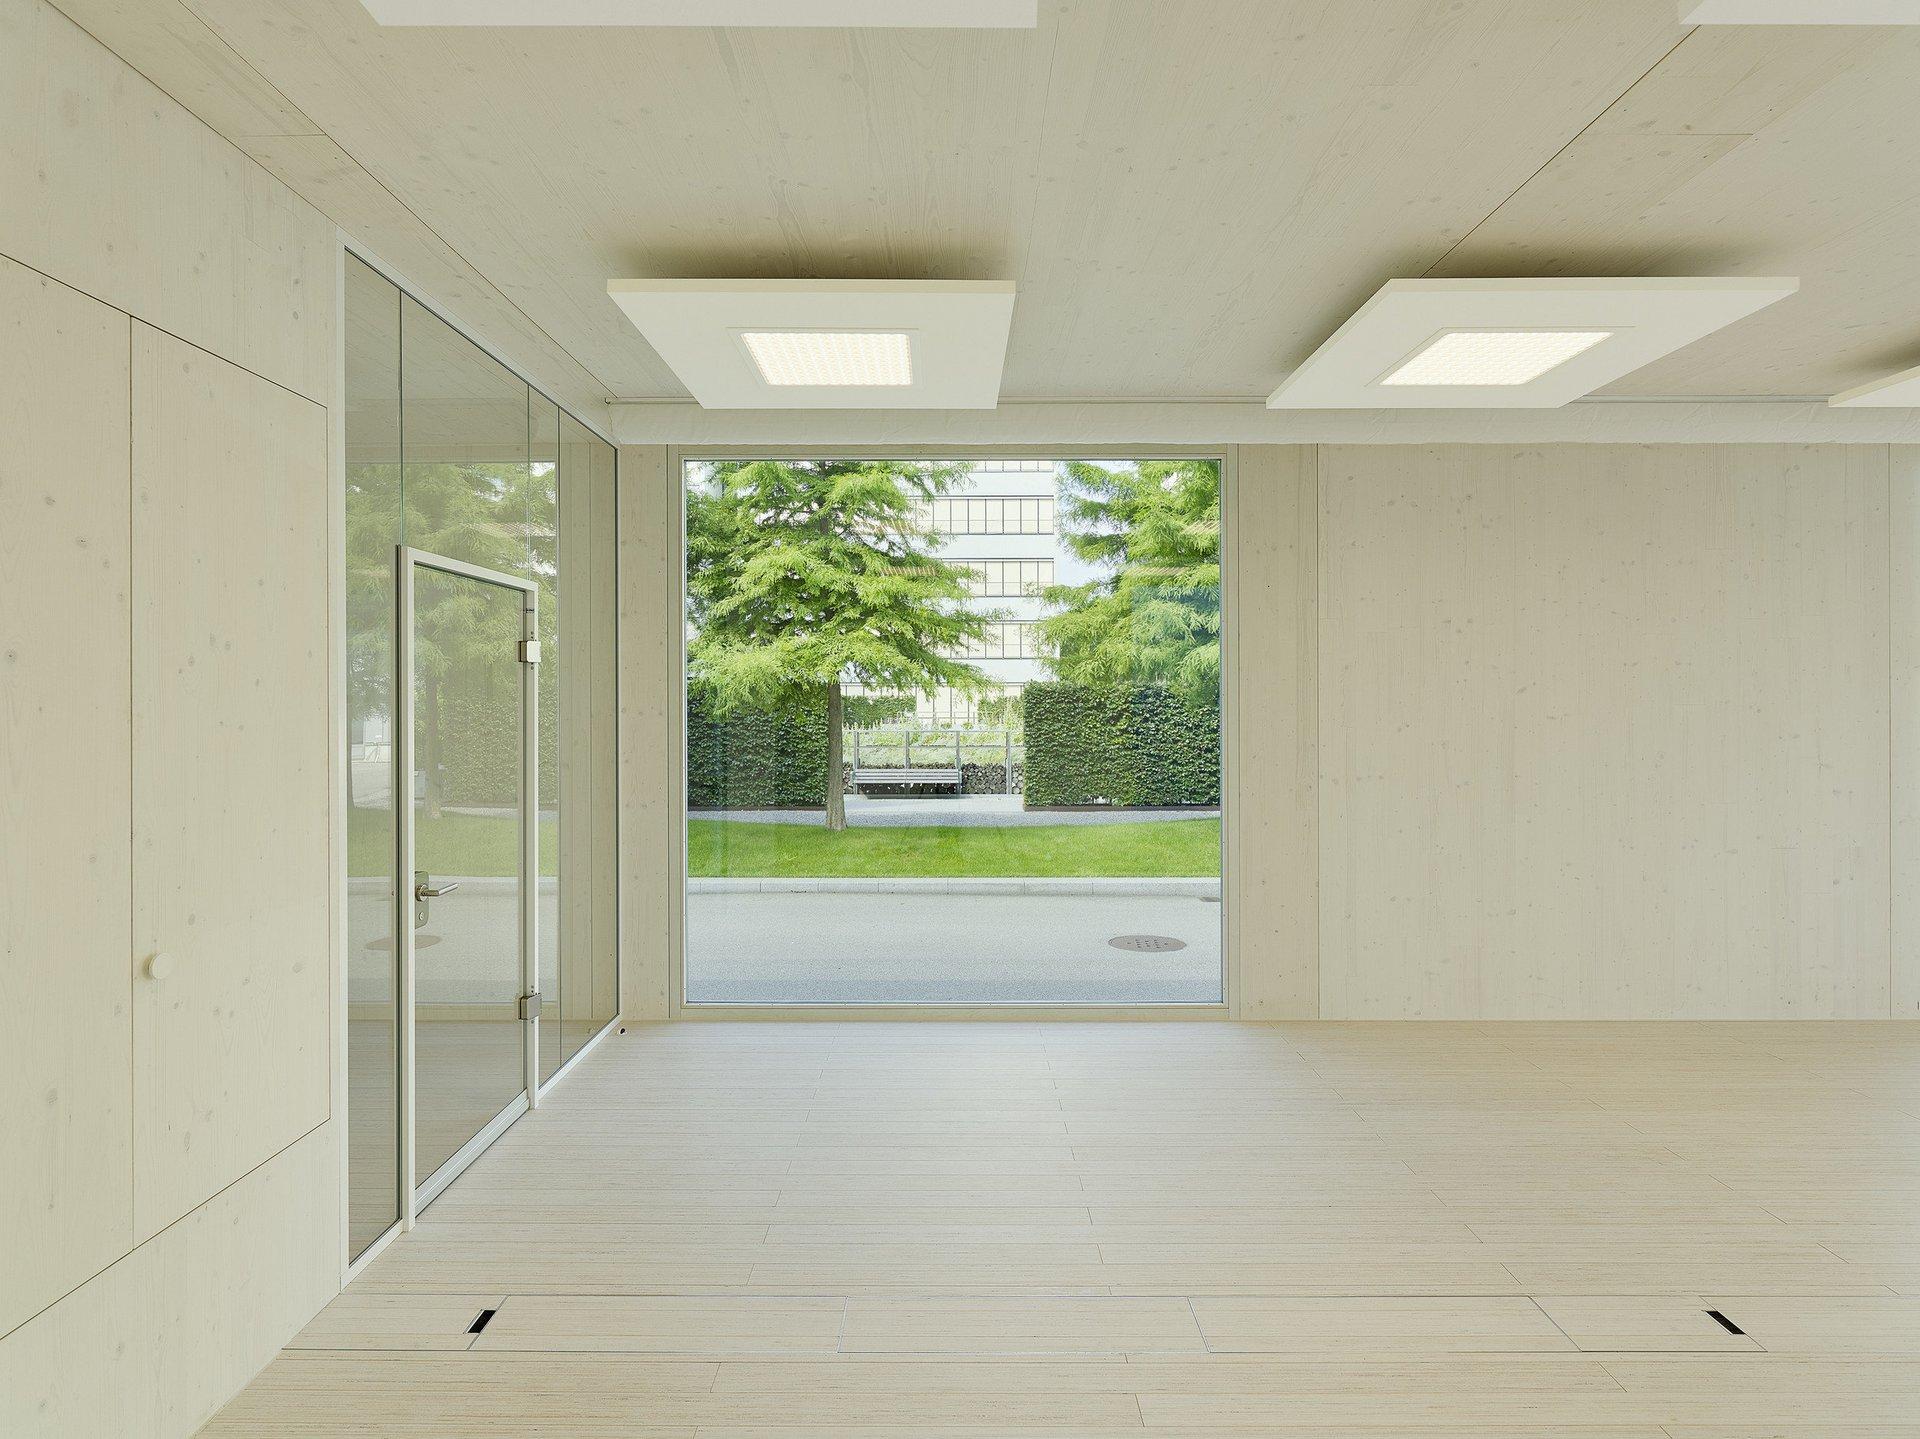 Raum mit Dämmungen aus Holzfaserplatten an der Decke und links Glastüre mit Höhe von 3m